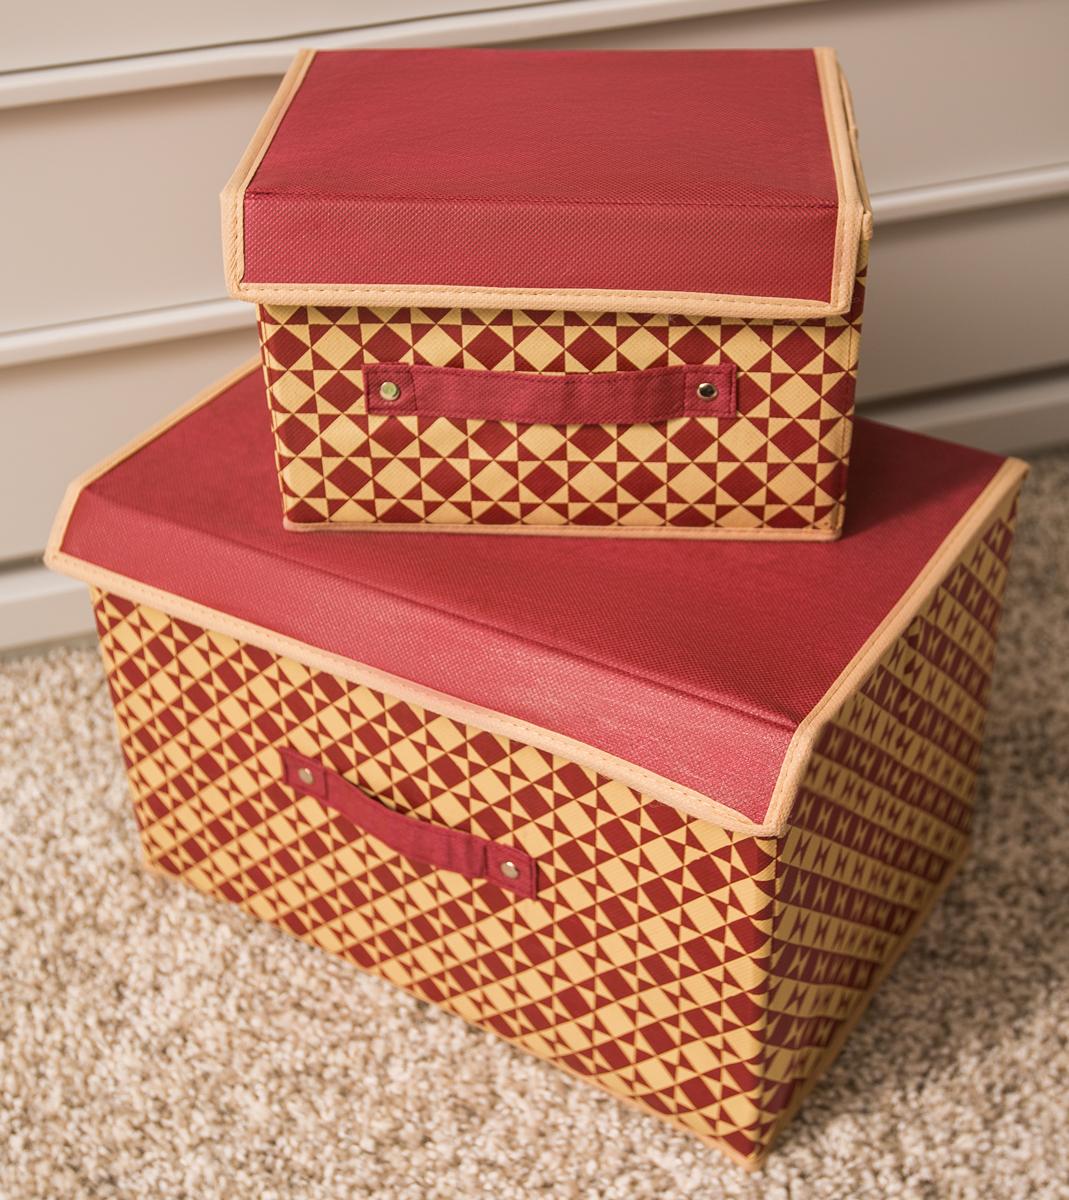 Набор коробок для хранения вещей Homsu, с крышками, 2 штDEN-77Этот комплект состоит из двух вместительных коробочек для хранения вещей, оптимальный размер которых позволяет хранить в них любые вещи и предметы. Все они имеют жесткие борта, что является гарантией сохранности вещей. Набор выполнен из спанбонда и картона, и оформлен принтом.